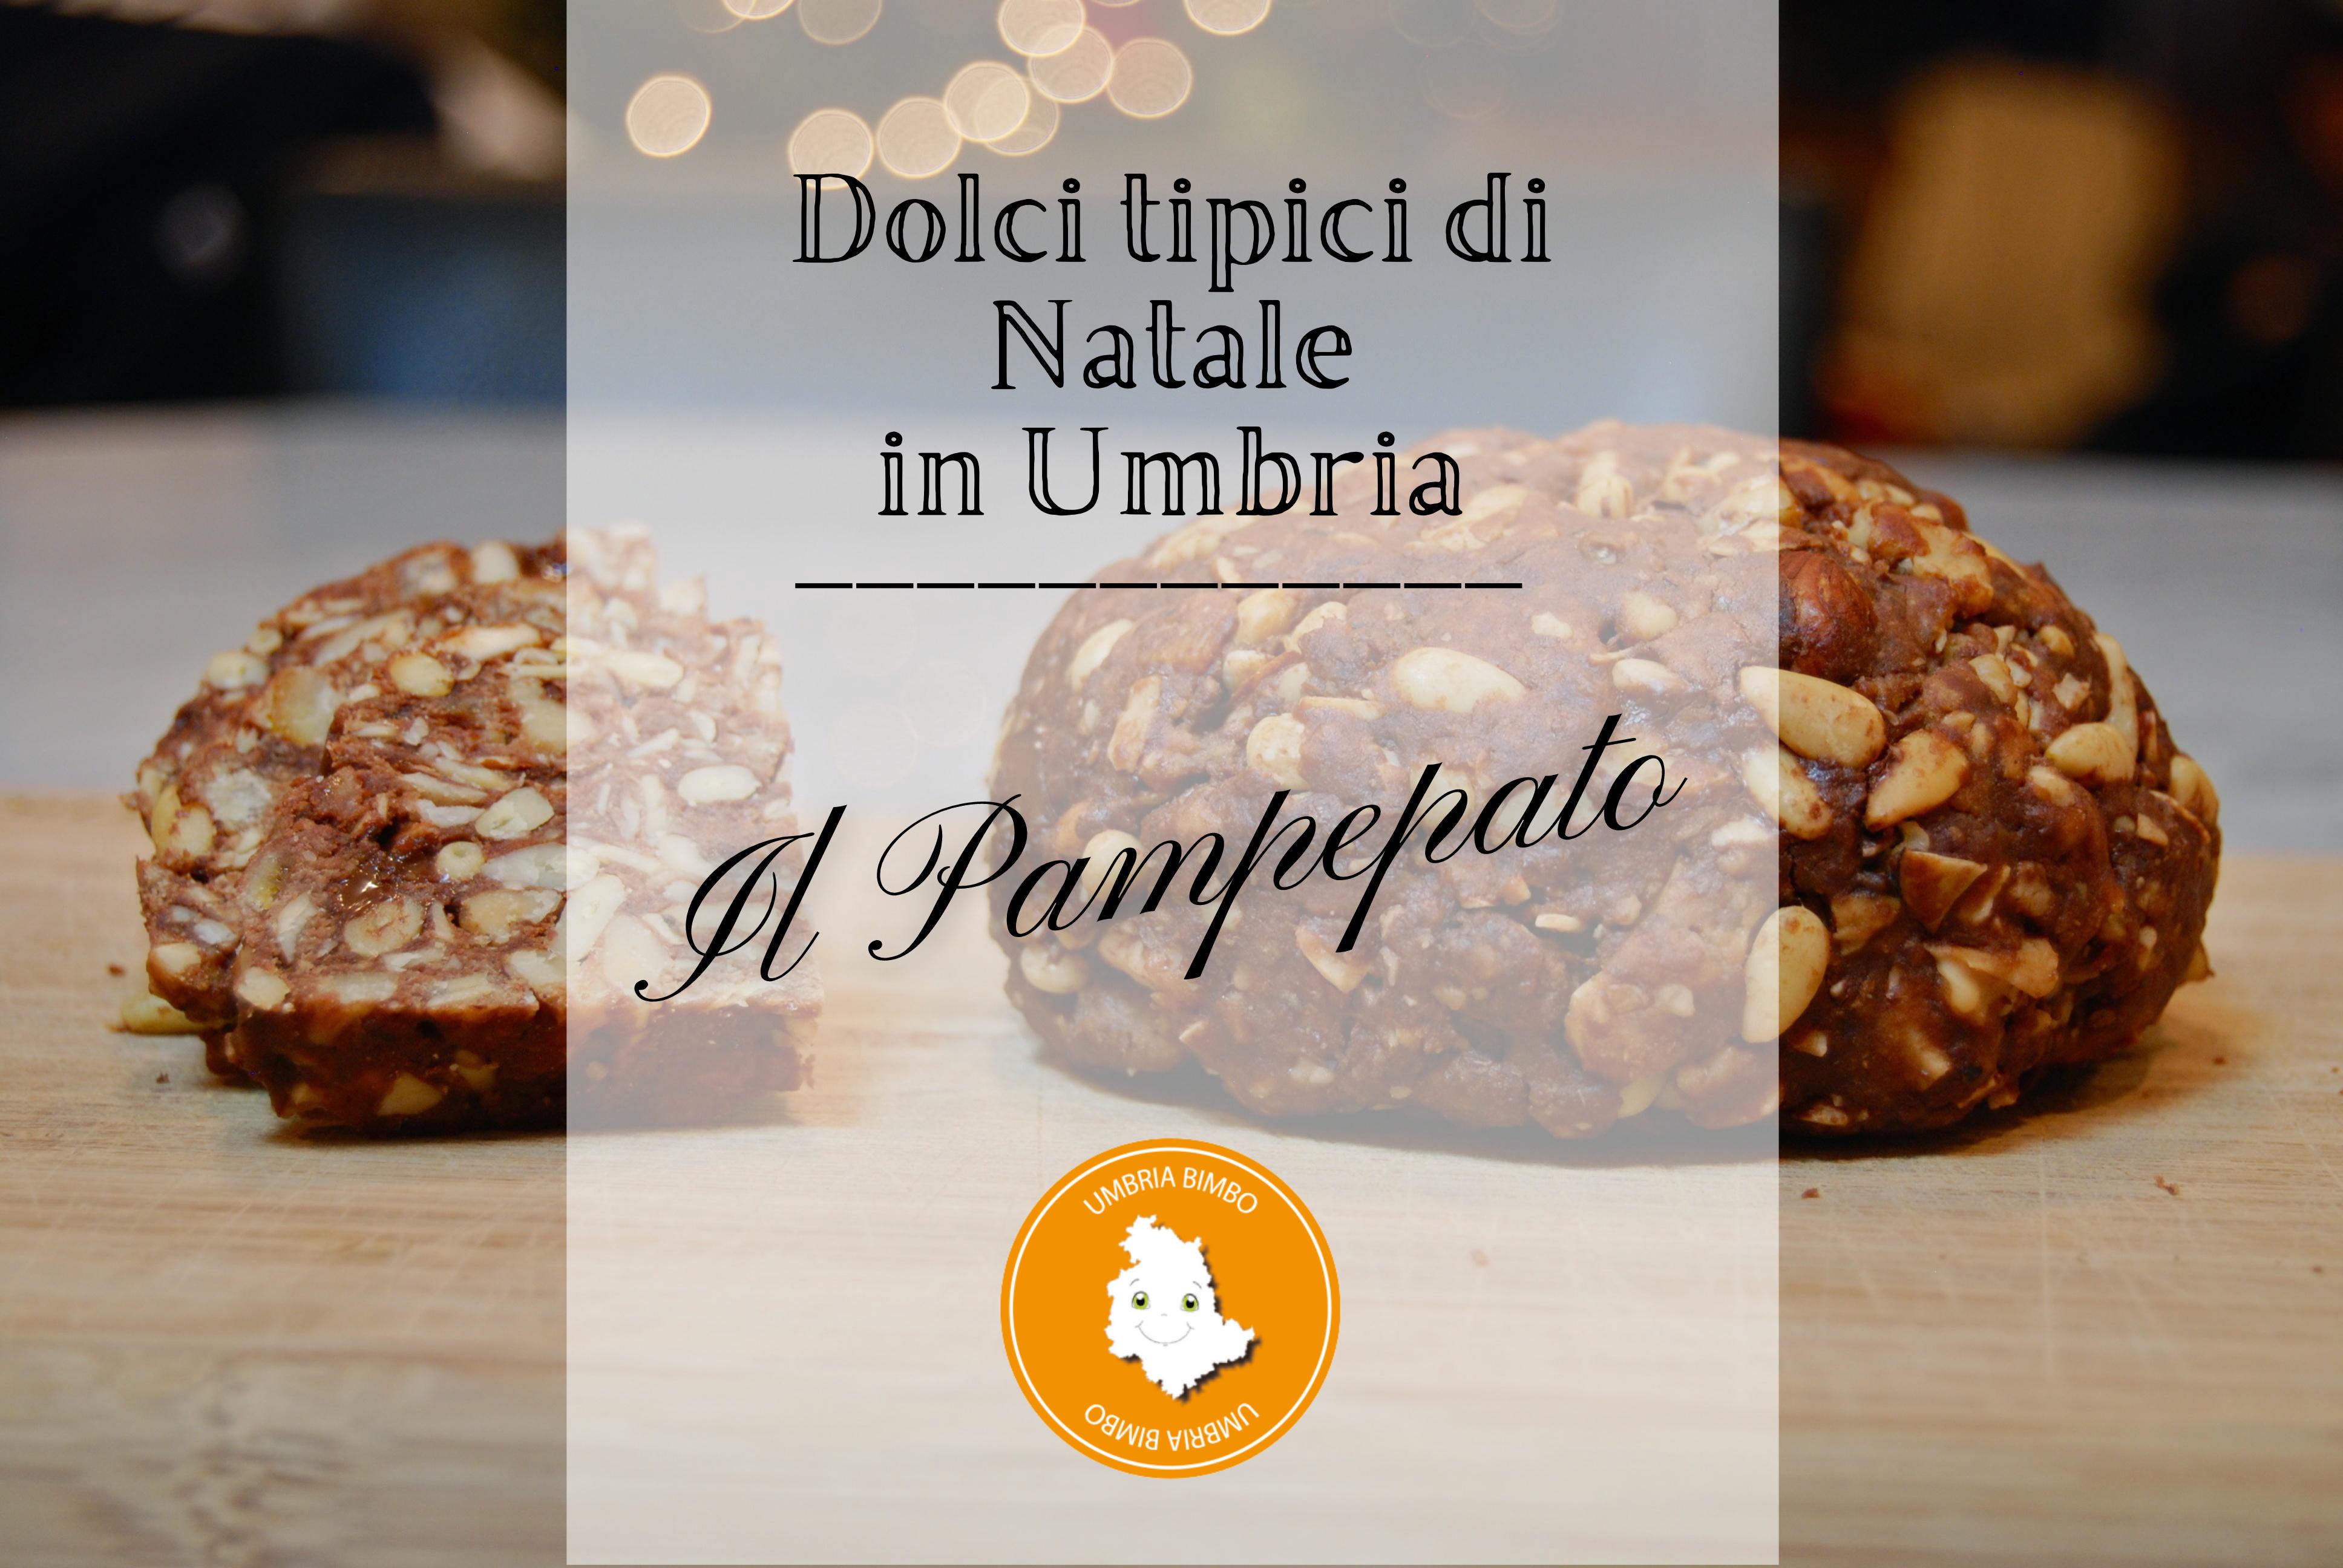 Dolci tipici di Natale in Umbria: il Pampepato